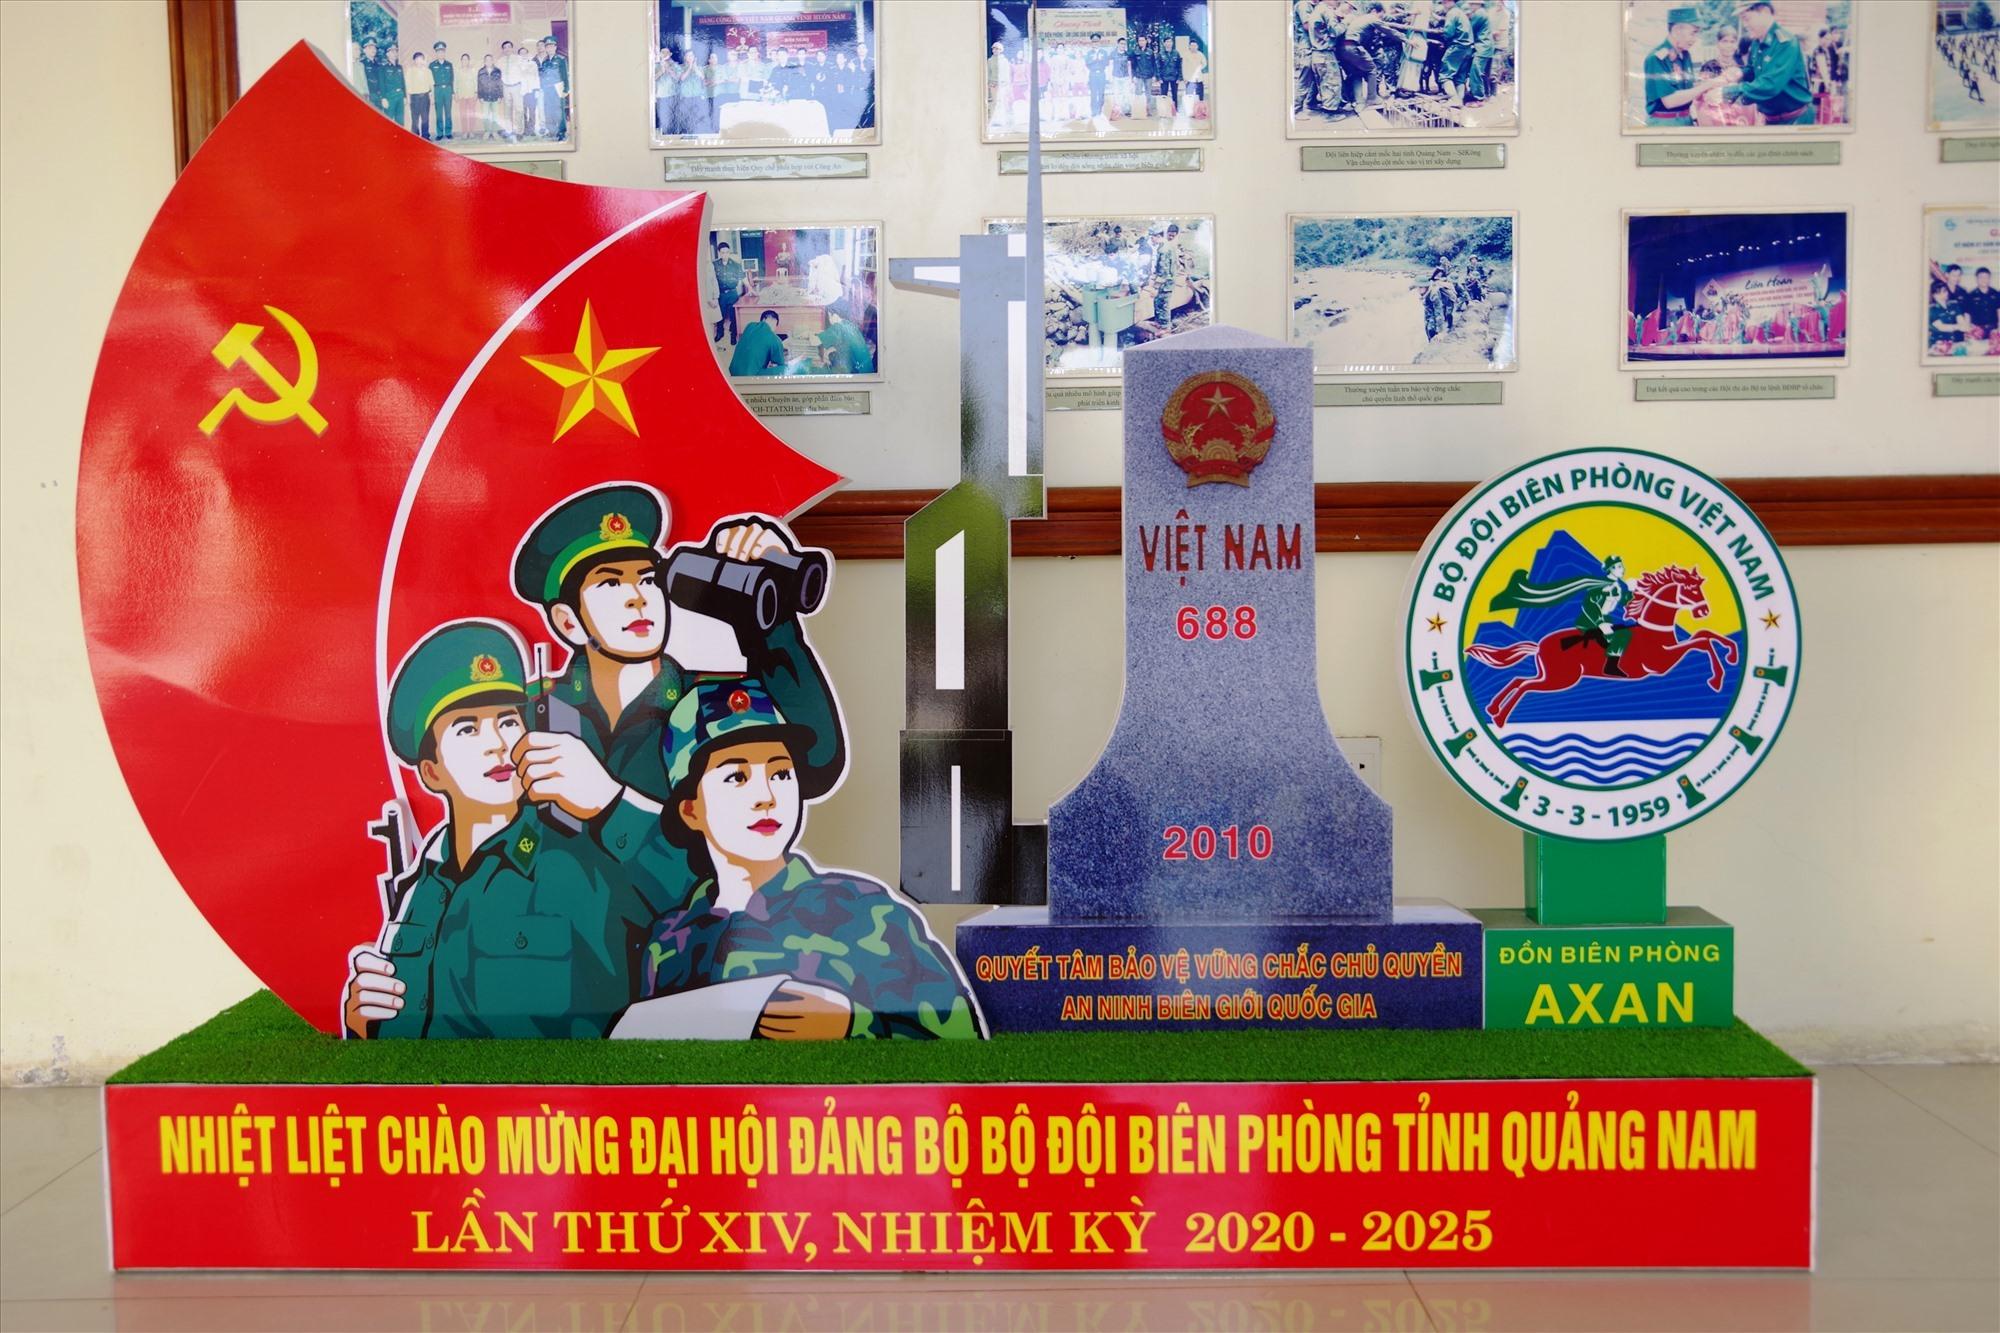 Mô hình chào mừng Đại hội Đảng bộ Bộ đội Biên phòng tỉnh Quảng Nam lần thứ XIV của Đồn Biên phòng A Xan. Ảnh: VĂN VINH